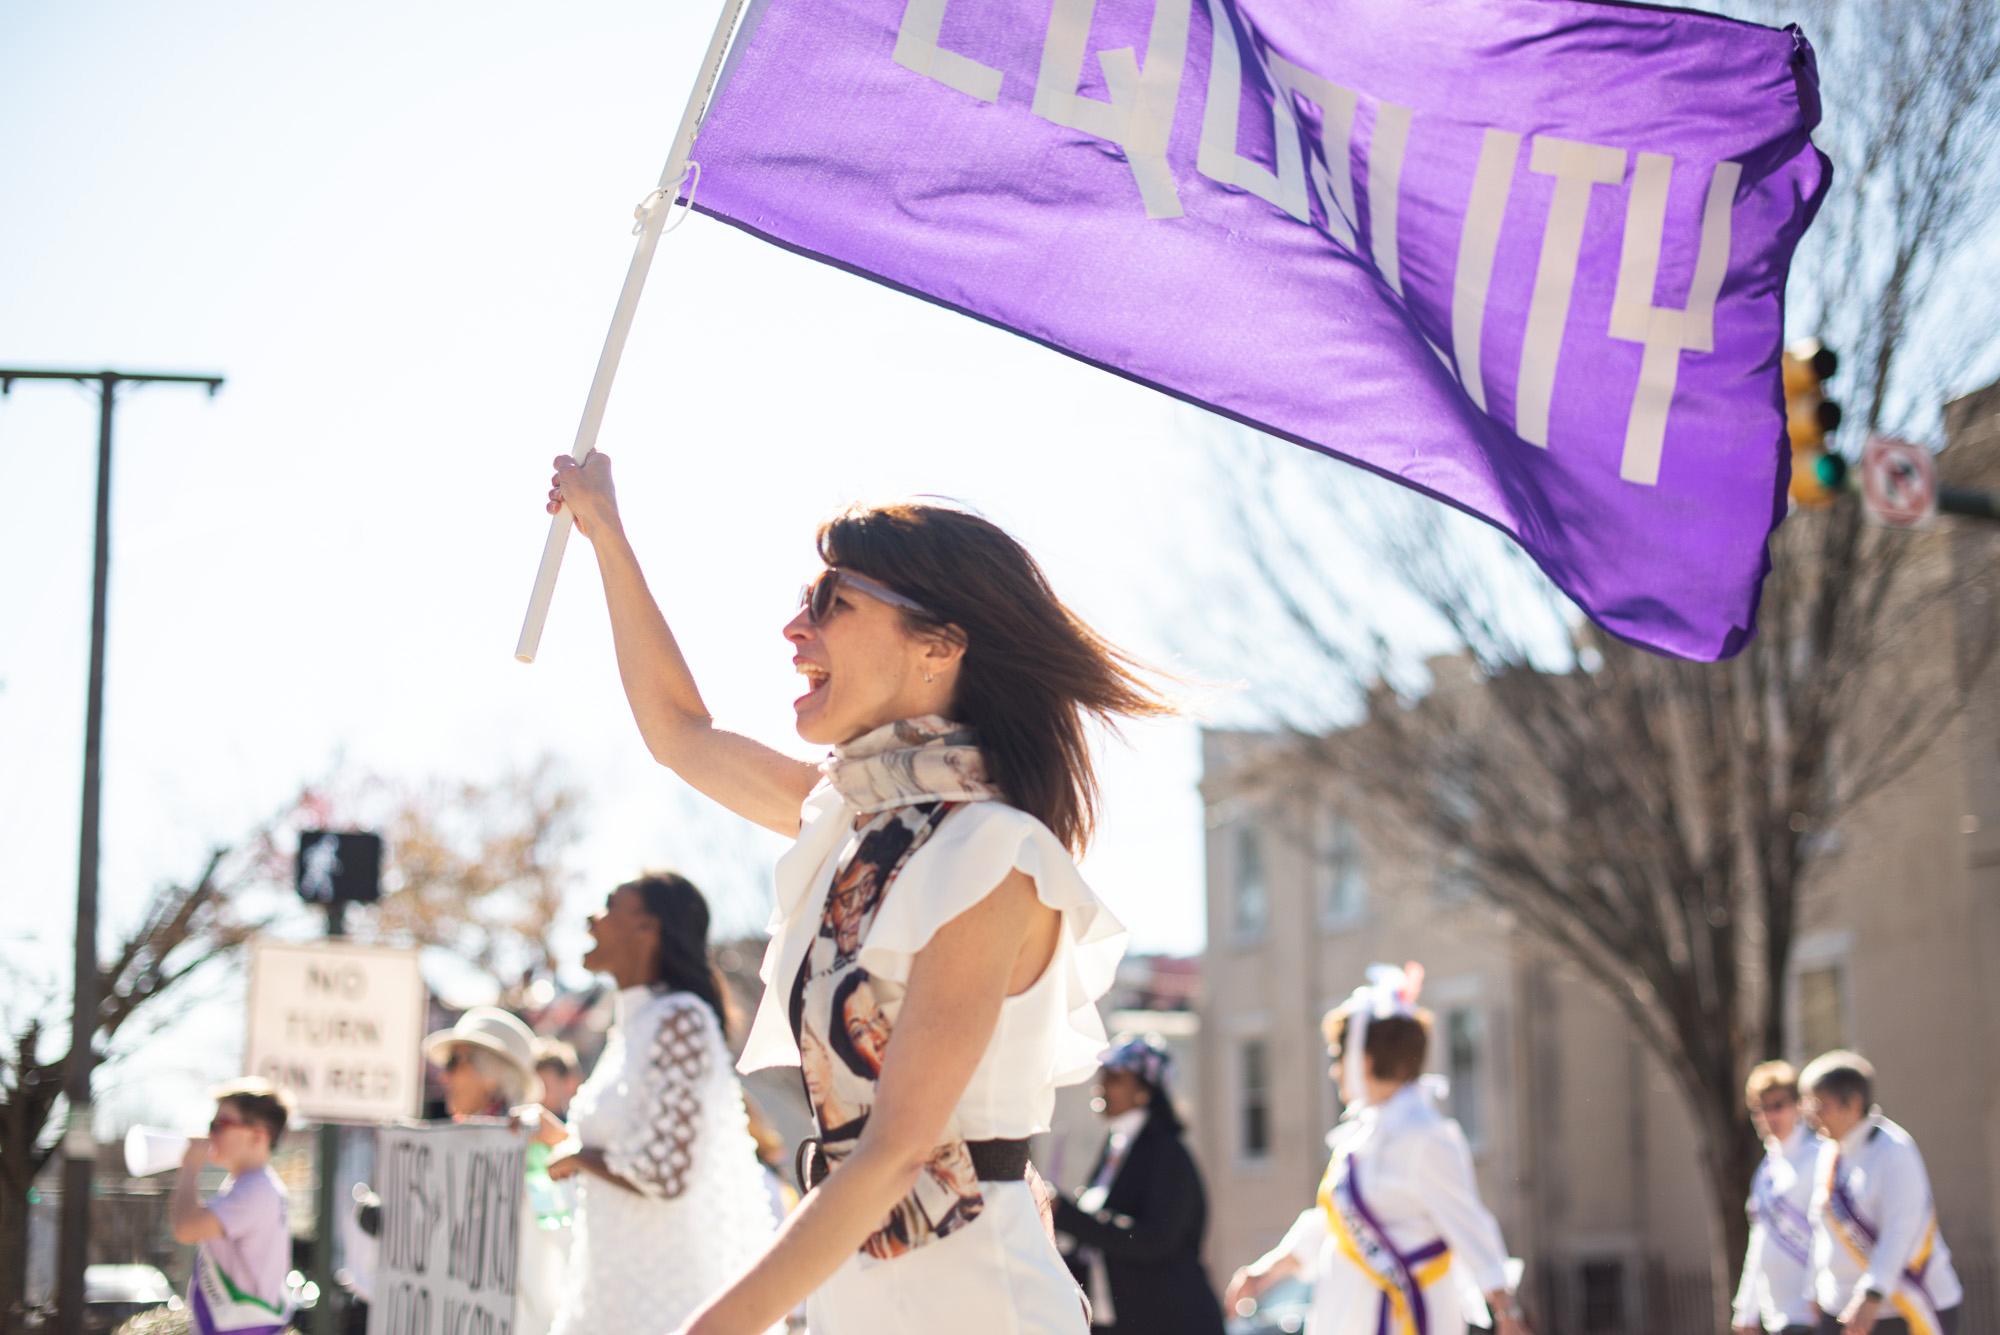 Woman waves 'Equality' flag